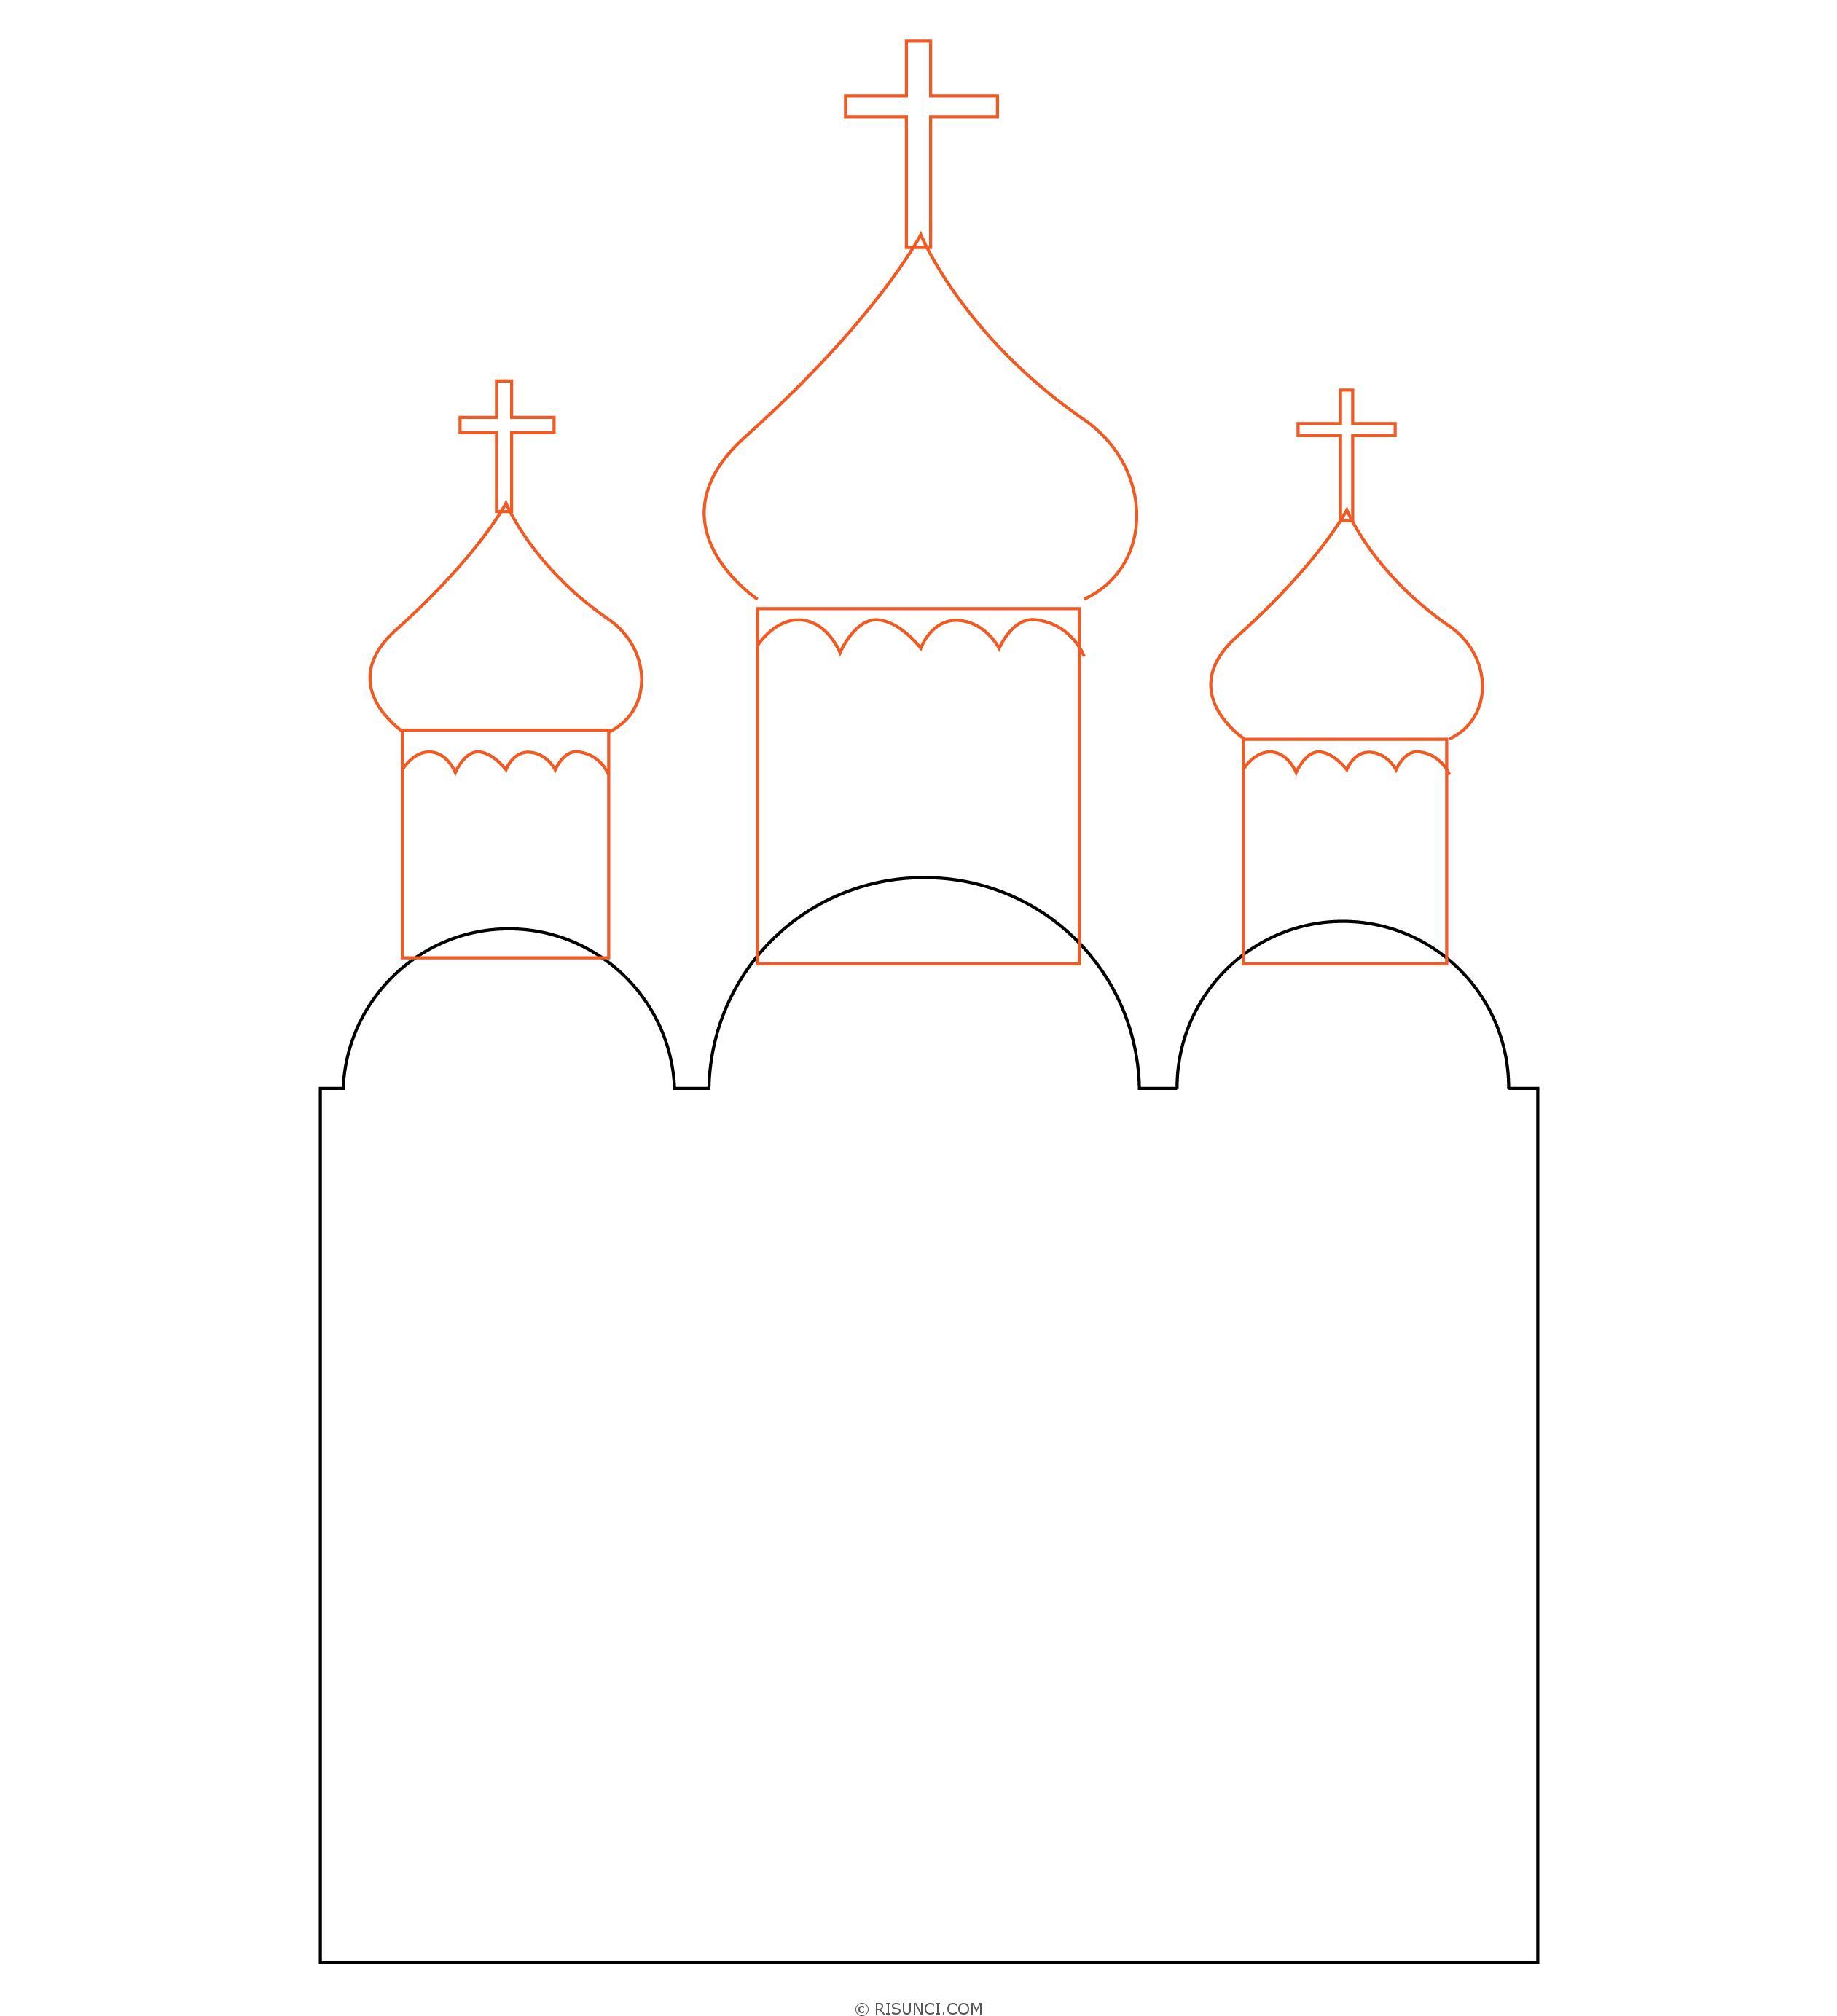 данный картинки церкви пошаговое содержали ужасных условиях